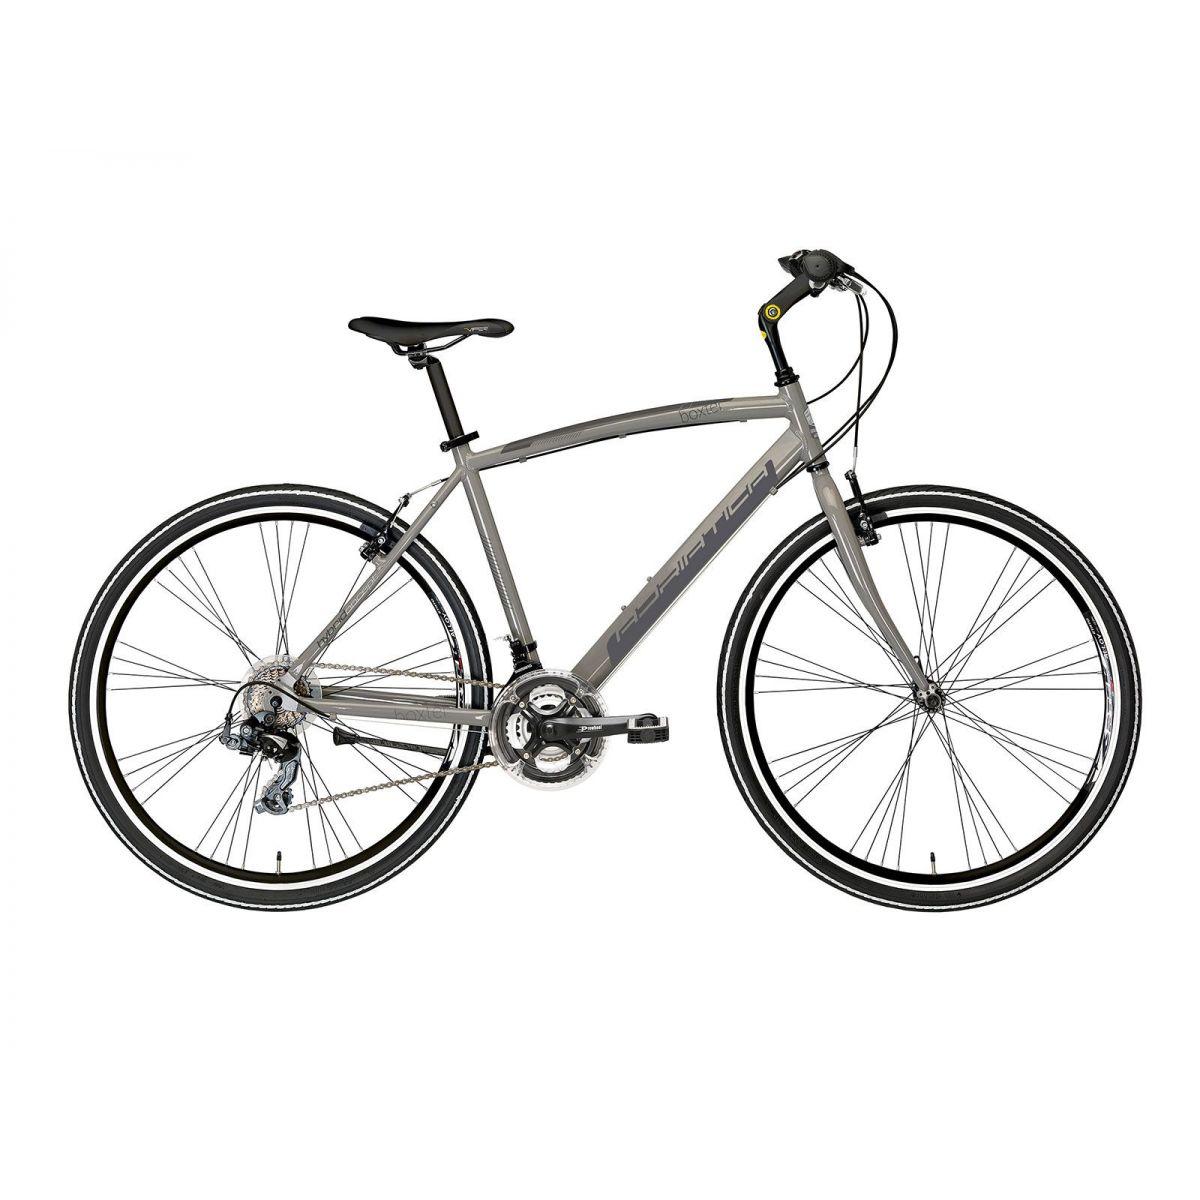 Bici Hybrid Boxter Fy Man